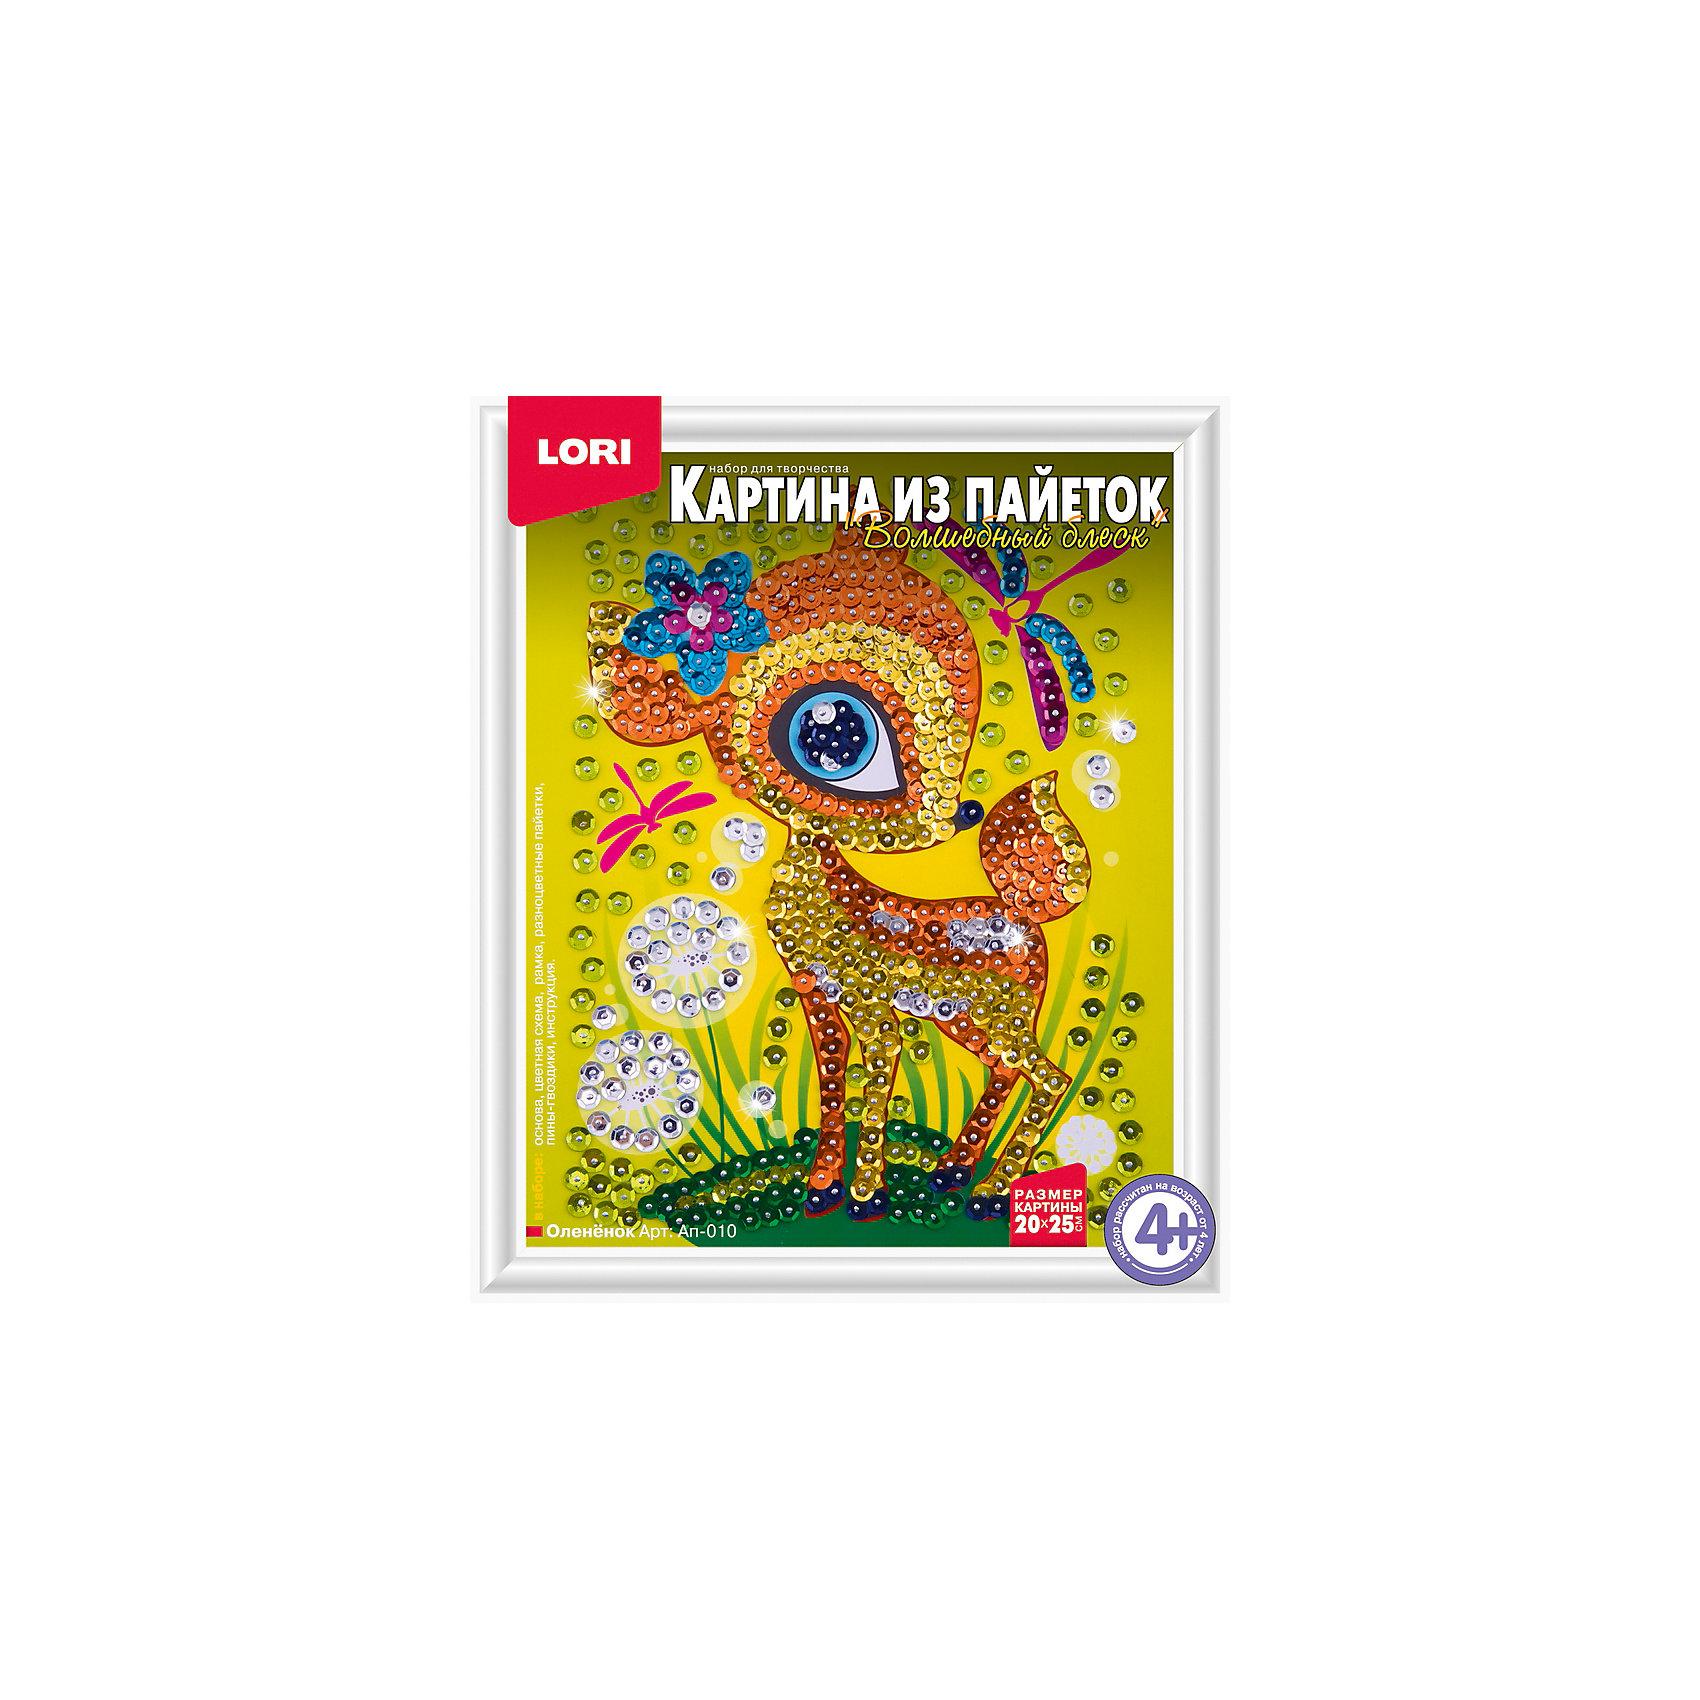 Картина из пайеток Оленёнок, LORIМозаика<br>Приобщайте ребенка к творчеству с замечательным набором для создания картины из пайеток Оленёнок от LORI (ЛОРИ)! Пайетки блестящие и очень привлекательные. С помощью специальных гвоздиков ребенок соберет настоящую мозаику из пайеток. Оленёнок - очень оригинальный набор, с помощью которого ребенок сможет создать невероятной красоты сувенир своими руками. Рамку для замечательной картины тоже можно создать из деталей набора. Кропотливая работа будет вознаграждена, ведь результат превзойдет все ожидания! Сверкающий и переливающийся милый олененок никого не оставит равнодушным! Картина не деформируется и не теряет форму со временем, поэтому будет долго радовать Вас своим блеском. Занятие с замечательным набором Оленёнок от LORI (ЛОРИ) способствует развитию мышления, воображения ребенка и формирует эстетическое восприятие. <br><br>Дополнительная информация:<br><br>- Способствует развитию мышления, воображения и эстетического восприятия;<br>- В комплекте: основа, цветная схема, рамка, разноцветные пайетки, пины - гвоздики, инструкция;<br>- Оригинальный набор;<br>- Прекрасный подарок;<br>- Размер готовой картины: 20 х 25 см;<br>- Размер упаковки: 21,5 х 25,6 х 4 см;<br>- Вес: 170 г<br><br>Картину из пайеток Оленёнок, LORI (ЛОРИ) можно купить в нашем интернет-магазине.<br><br>Ширина мм: 215<br>Глубина мм: 256<br>Высота мм: 40<br>Вес г: 170<br>Возраст от месяцев: 48<br>Возраст до месяцев: 144<br>Пол: Унисекс<br>Возраст: Детский<br>SKU: 4073064